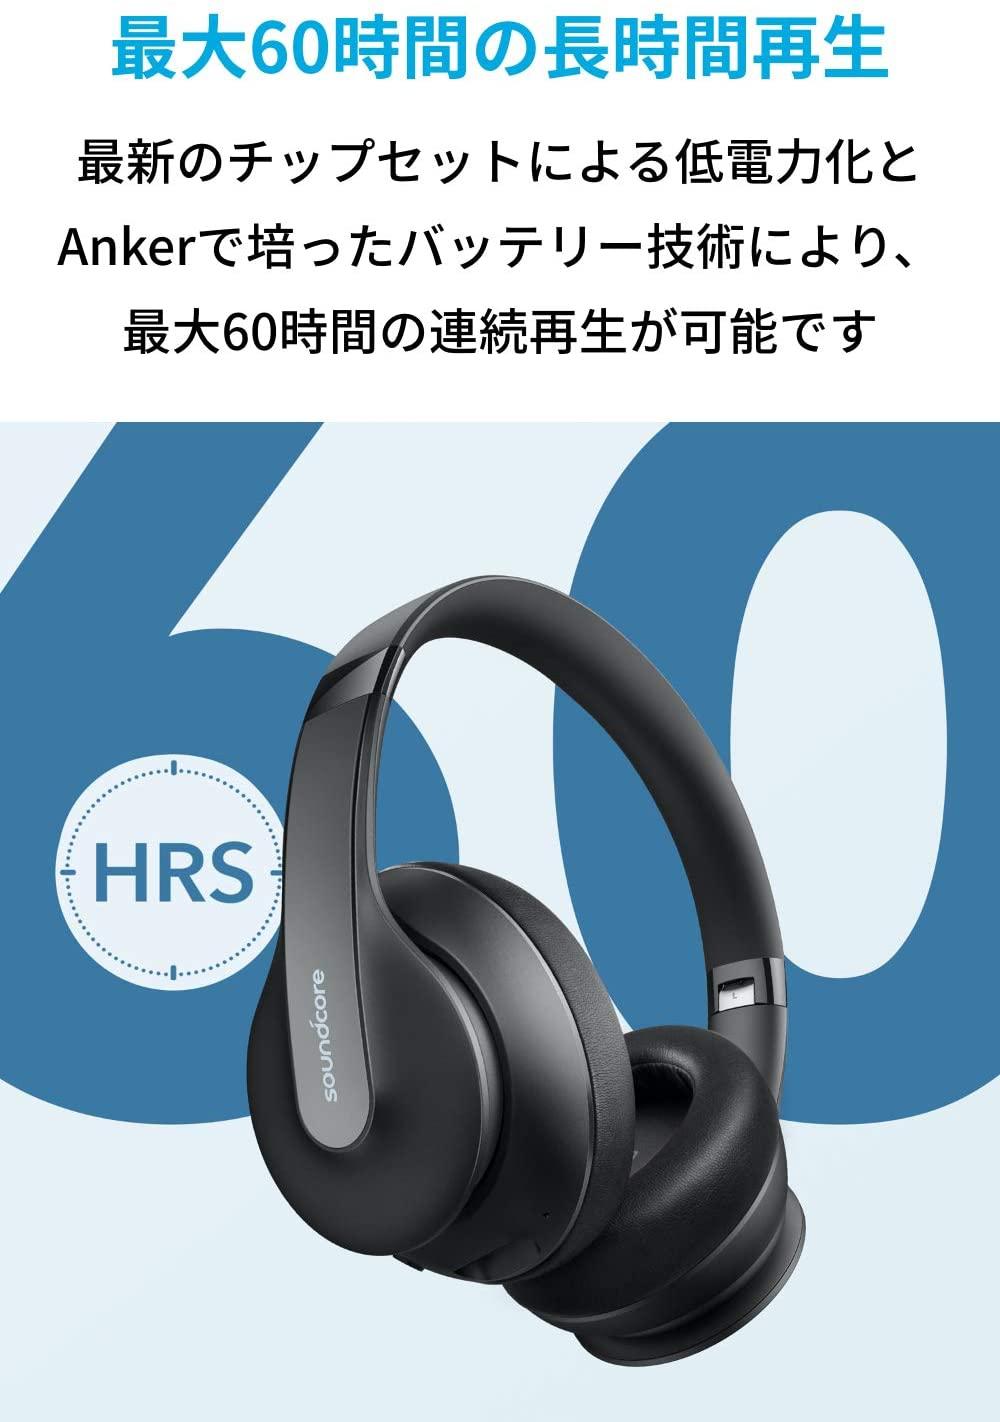 Anker(アンカー) サウンドコア ライフ Q10の商品画像5